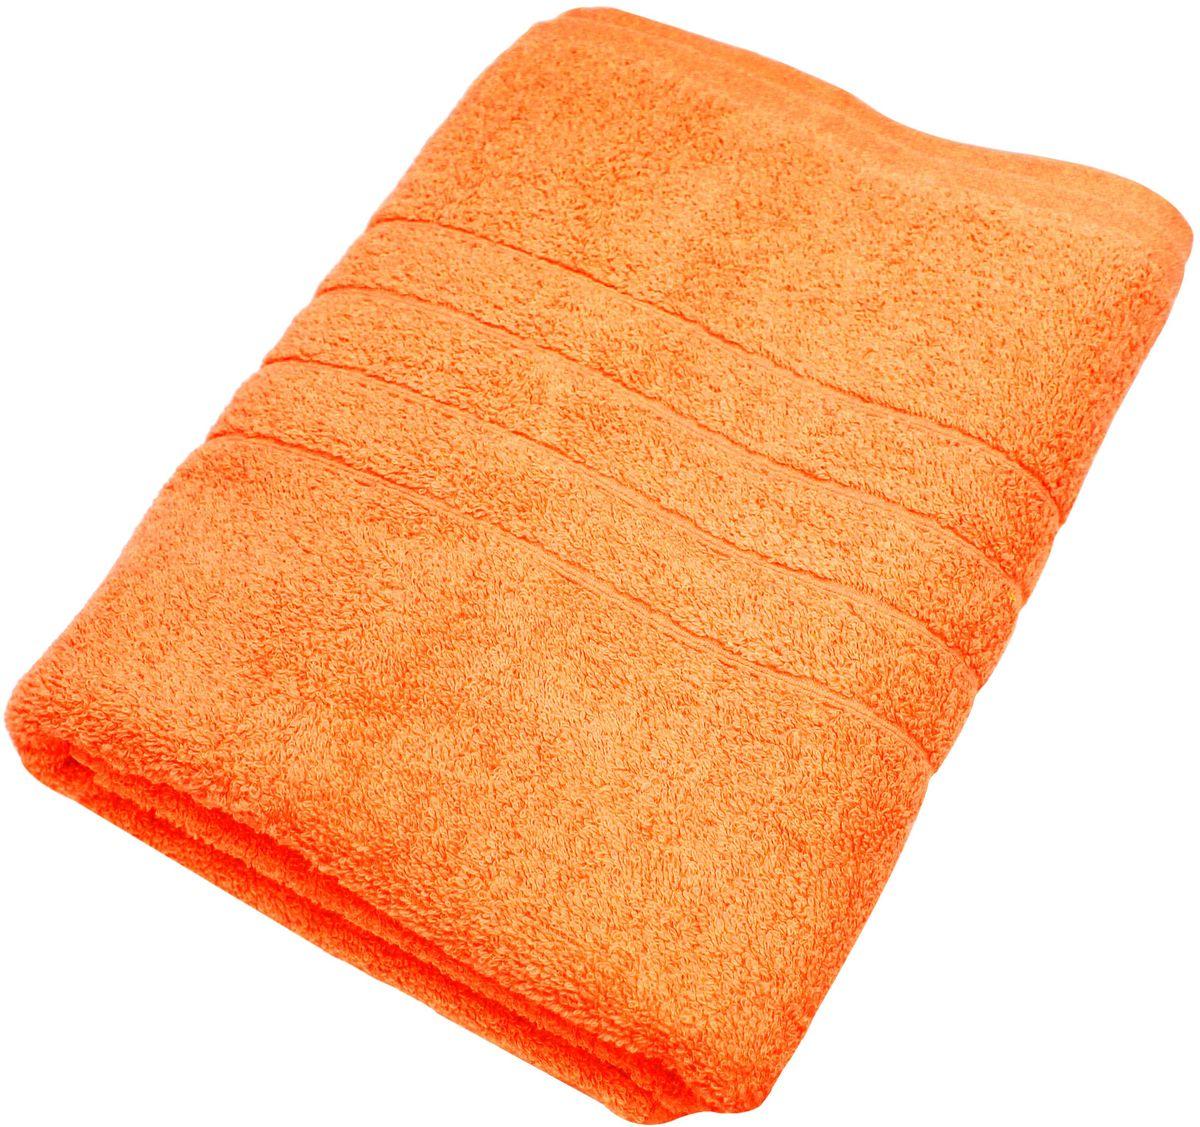 Полотенце Proffi Home Модерн, цвет: оранжевый, 70 x 140 смRSP-202SМягкое махровое полотенцеProffi Home Модерн отлично впитывает влагу и быстро сохнет, приятно в него завернуться после принятия ванны или посещения сауны. Поэтому данное махровое полотенце можно использовать в качестве душевого, банного или пляжного полотенца. Состав: 100% хлопок.